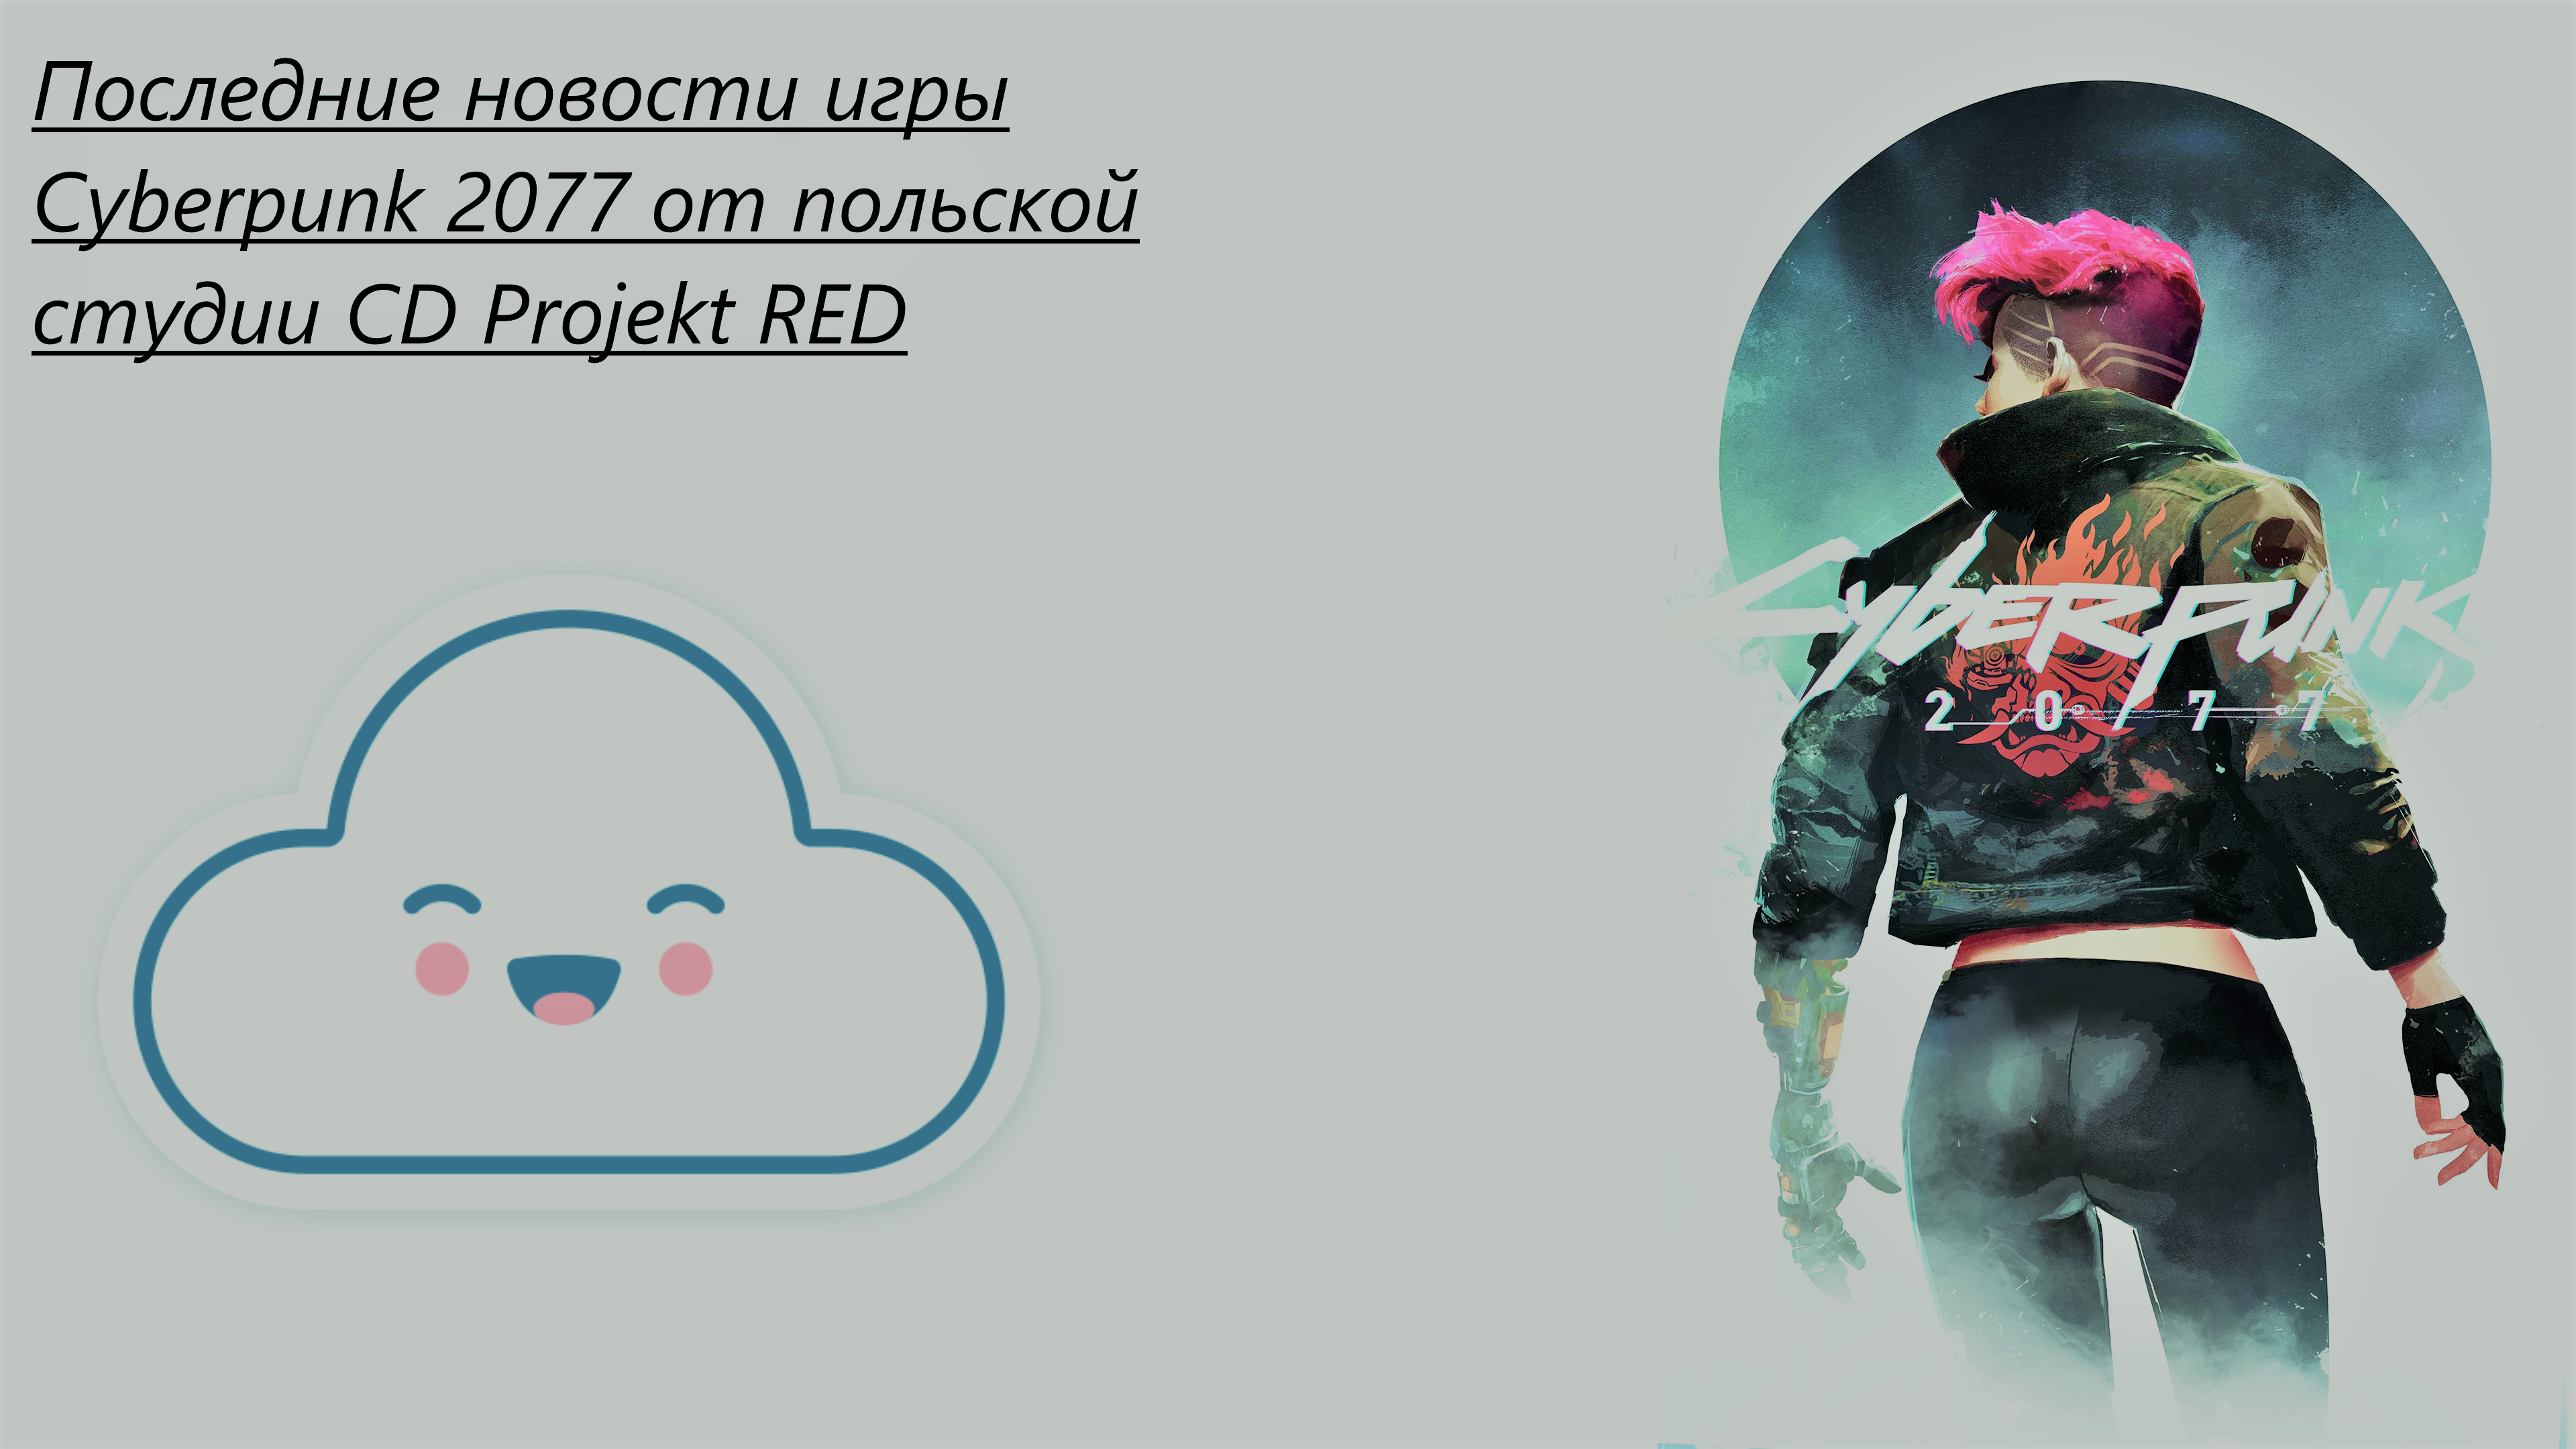 Последние новости игры Cyberpunk 2077 от польской студии CD Projekt RED. - Изображение 1